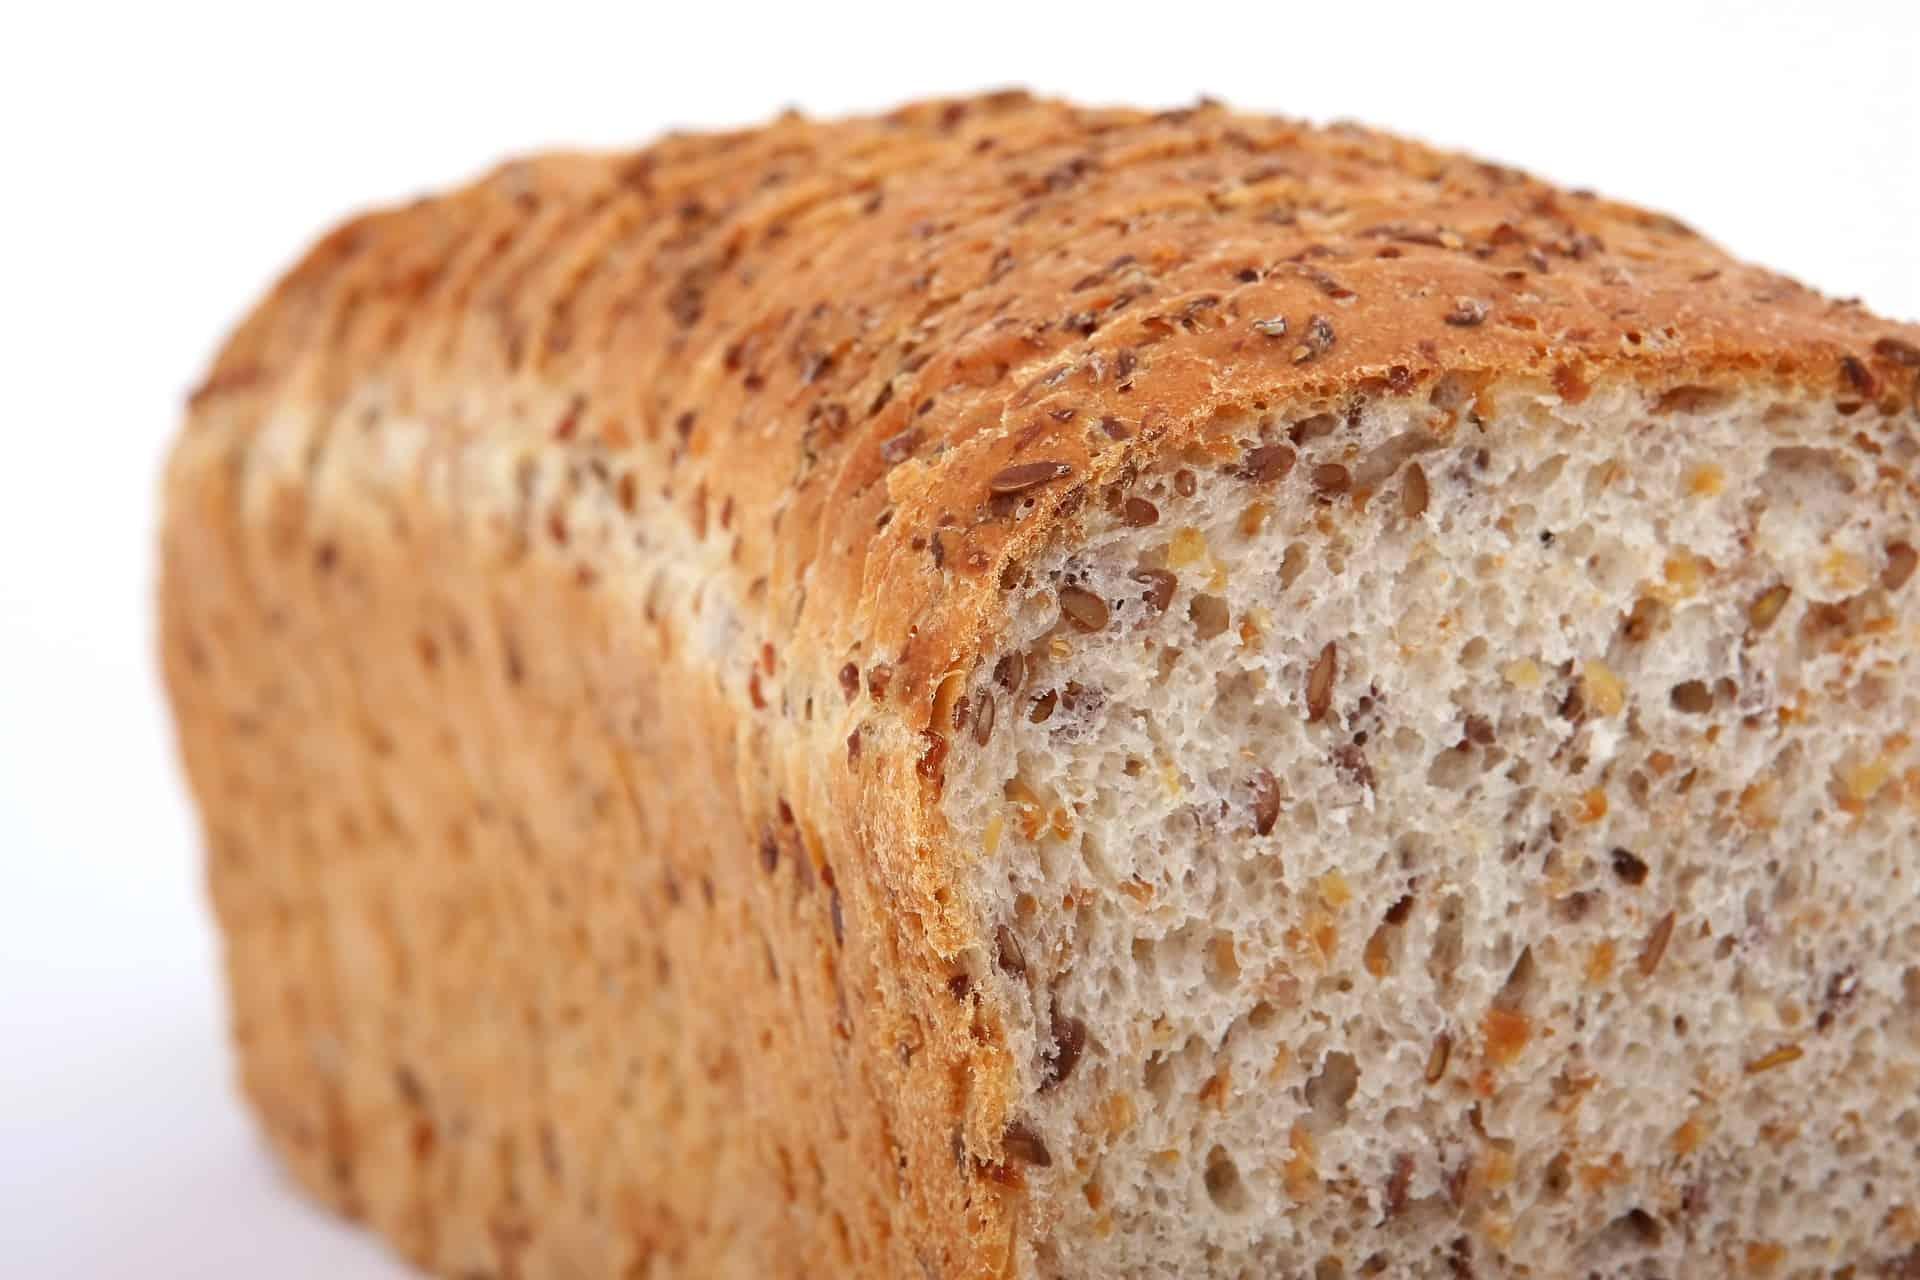 closeup of bread